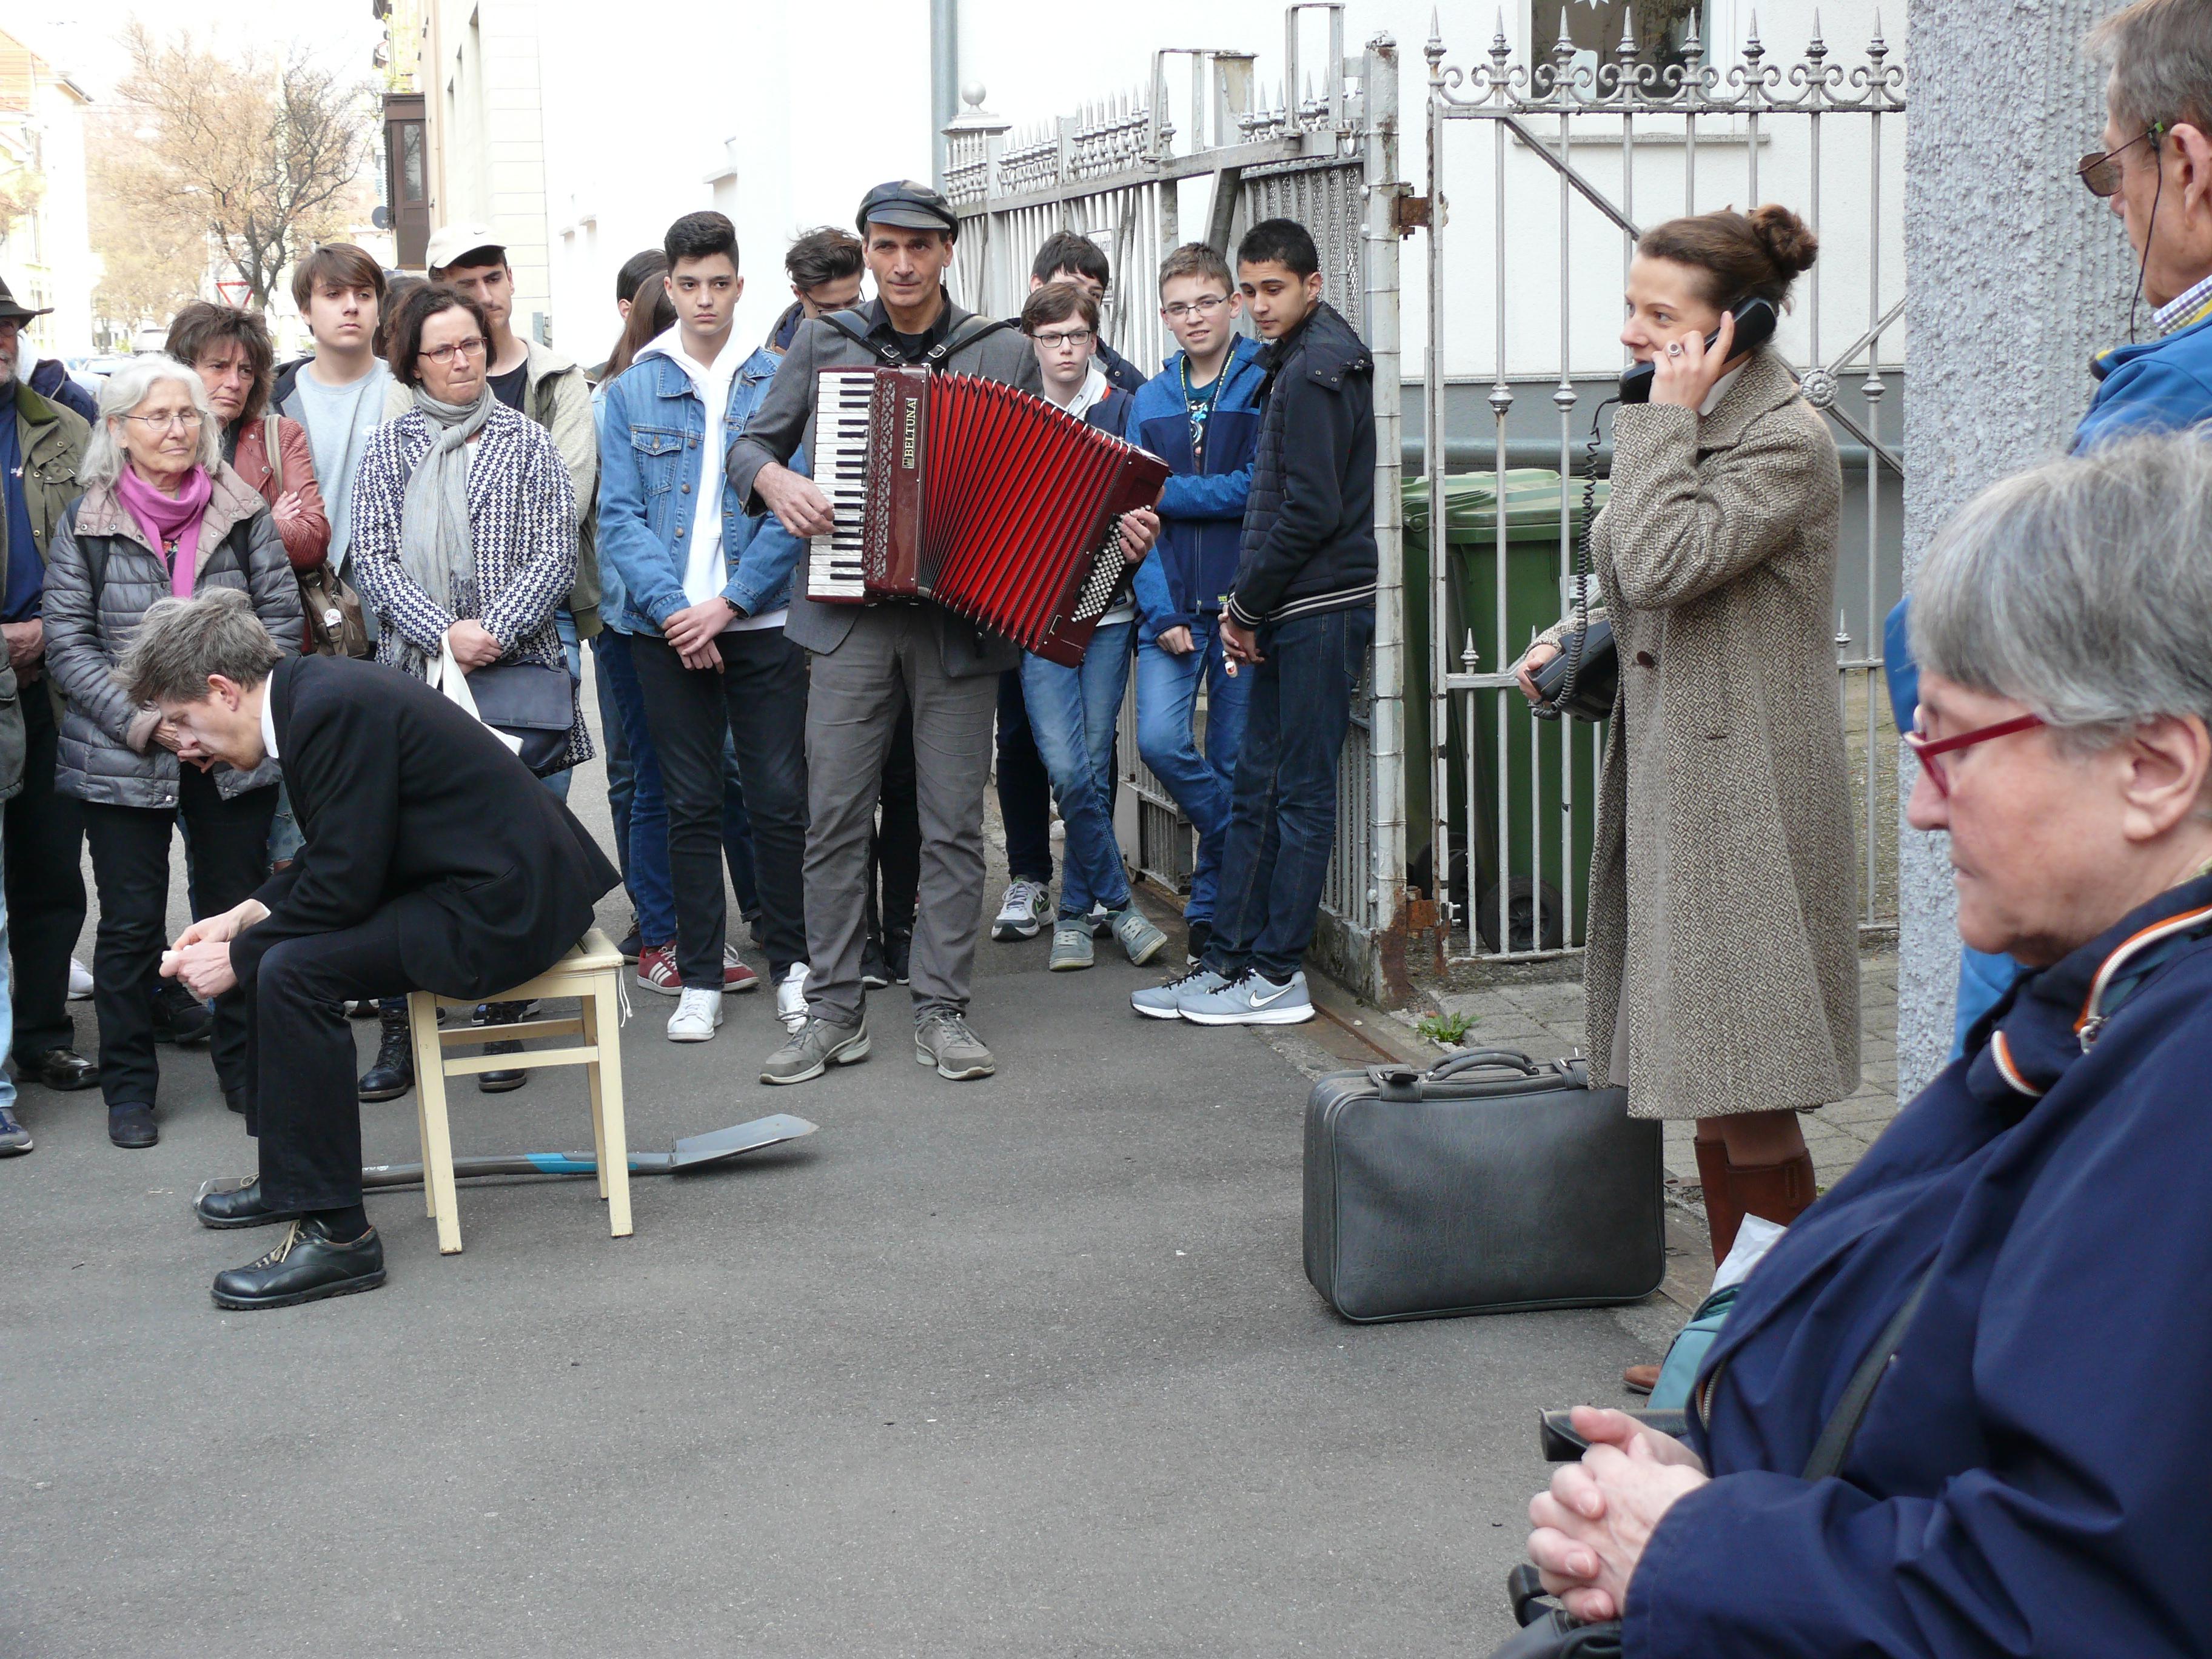 Stolpersteinverlegung mit Straßentheater